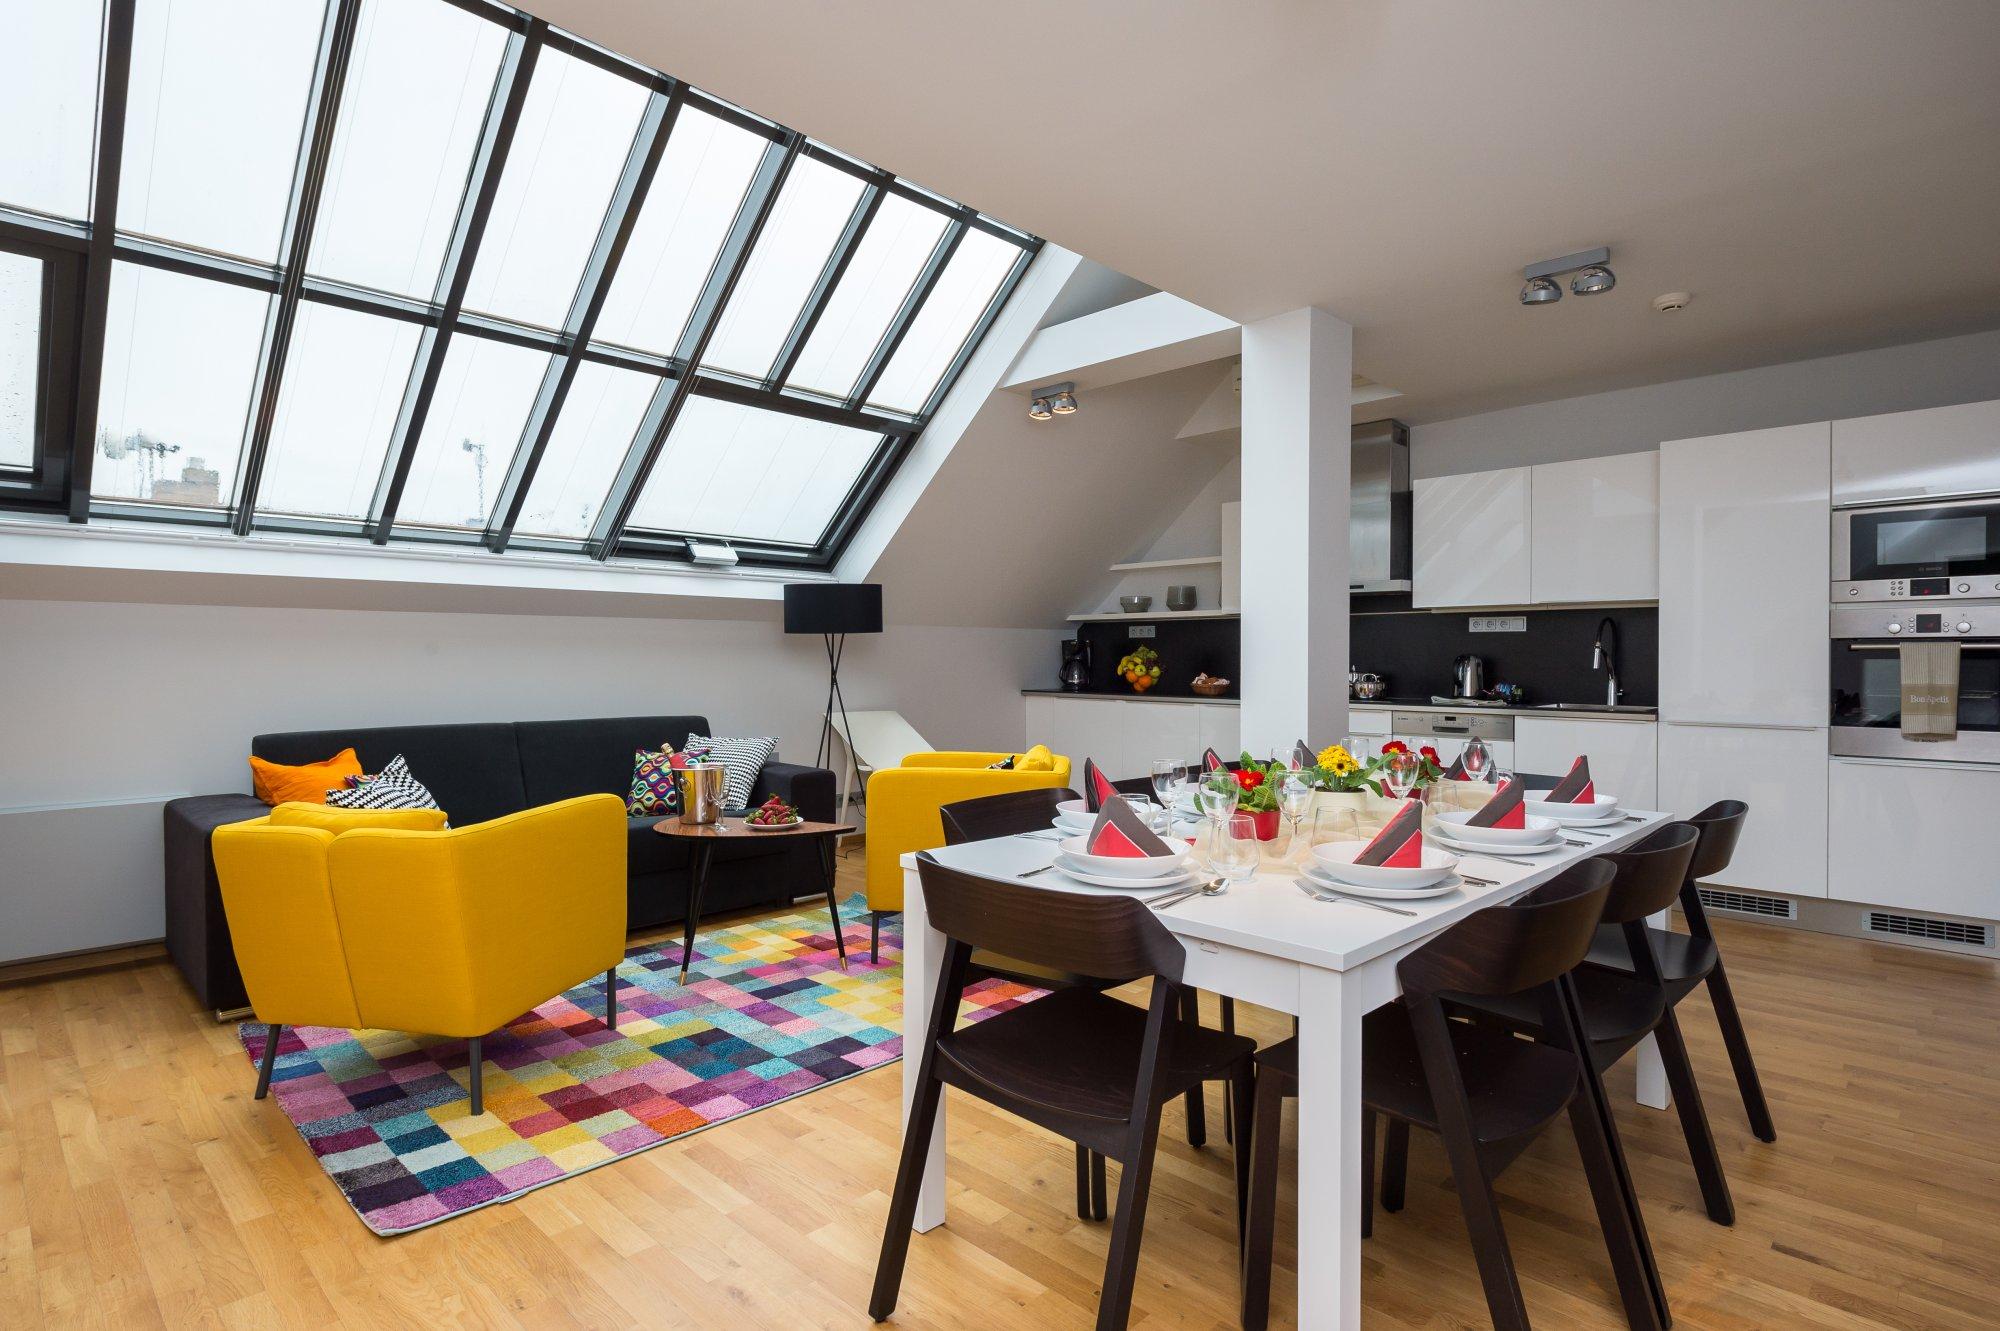 Půdní byt 3+kk, plocha 143 m², ulice Růžová, Praha 1 - Nové Město | 2